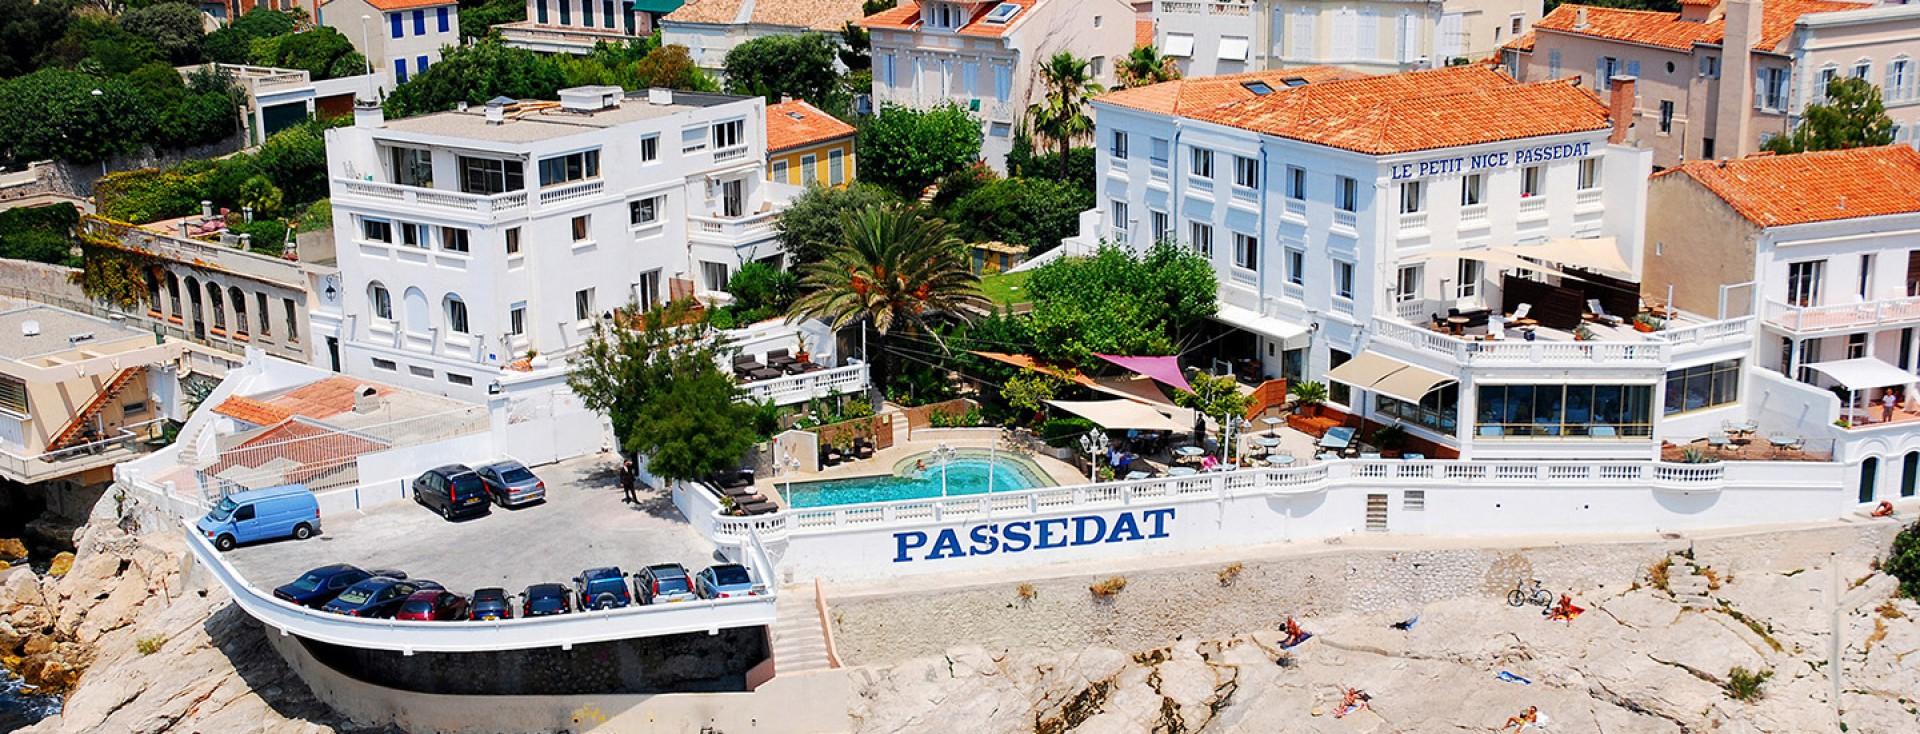 Le petit nice pass dat h tel de luxe en bord de mer marseille relais ch teaux - Le petit nice bar marseille ...